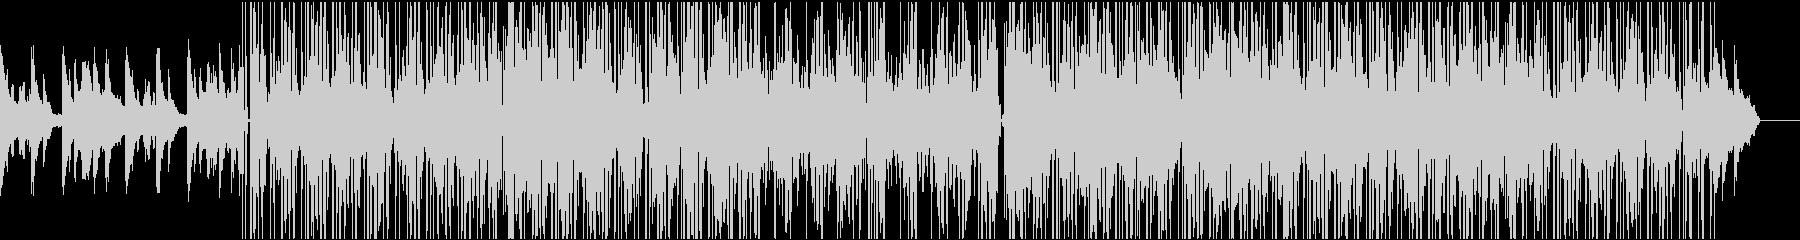 大人な雰囲気のローファイ系ヒップホップの未再生の波形